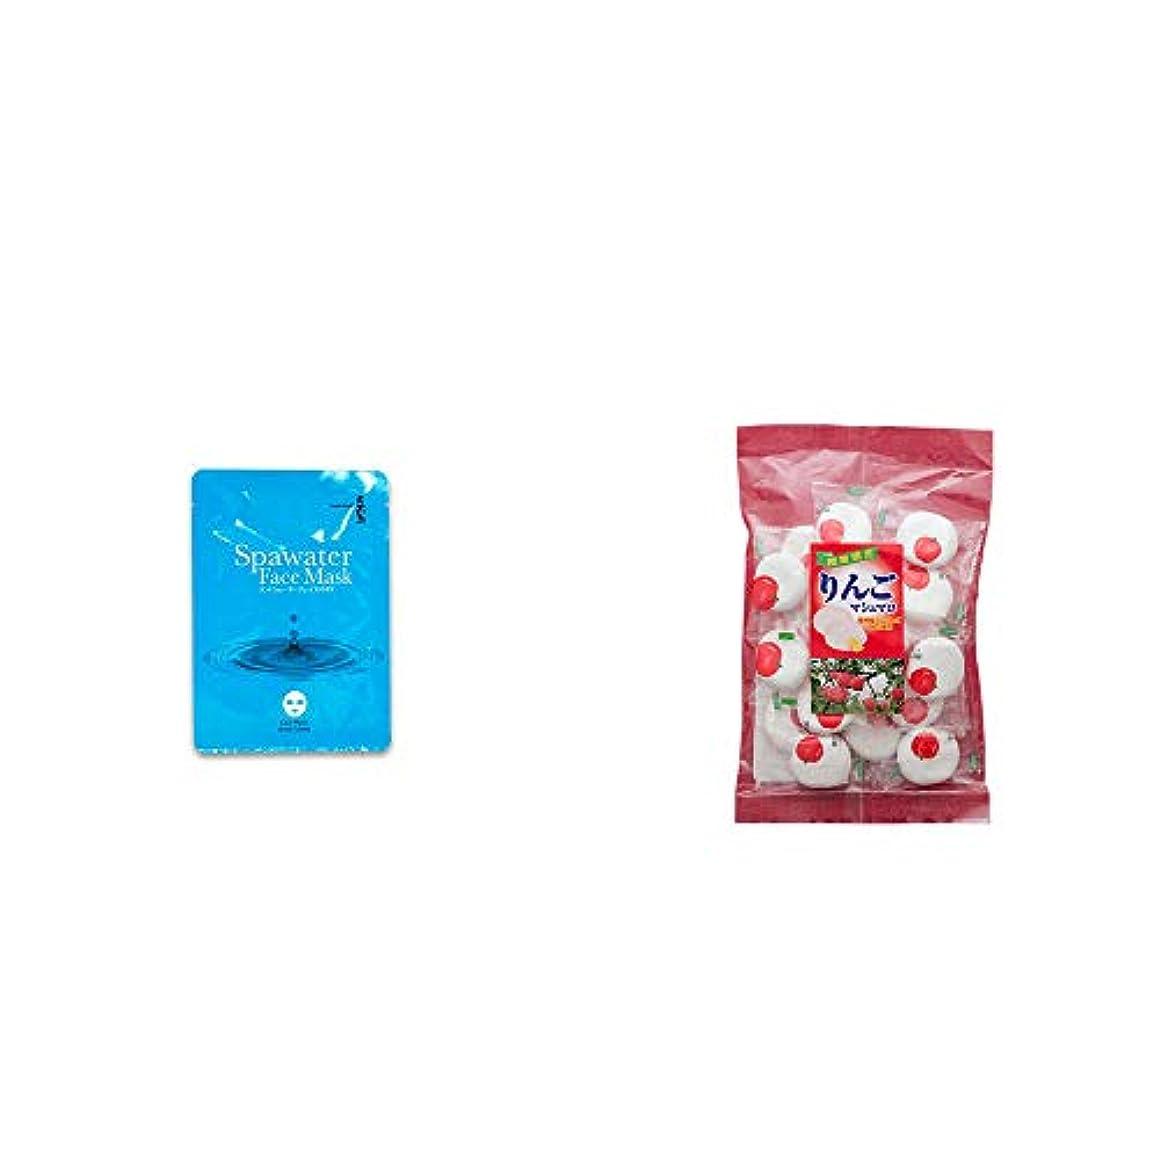 酸度ヒゲフルーティー[2点セット] ひのき炭黒泉 スパウォーターフェイスマスク(18ml×3枚入)?信州りんご100%使用 りんごマシュマロ(110g)